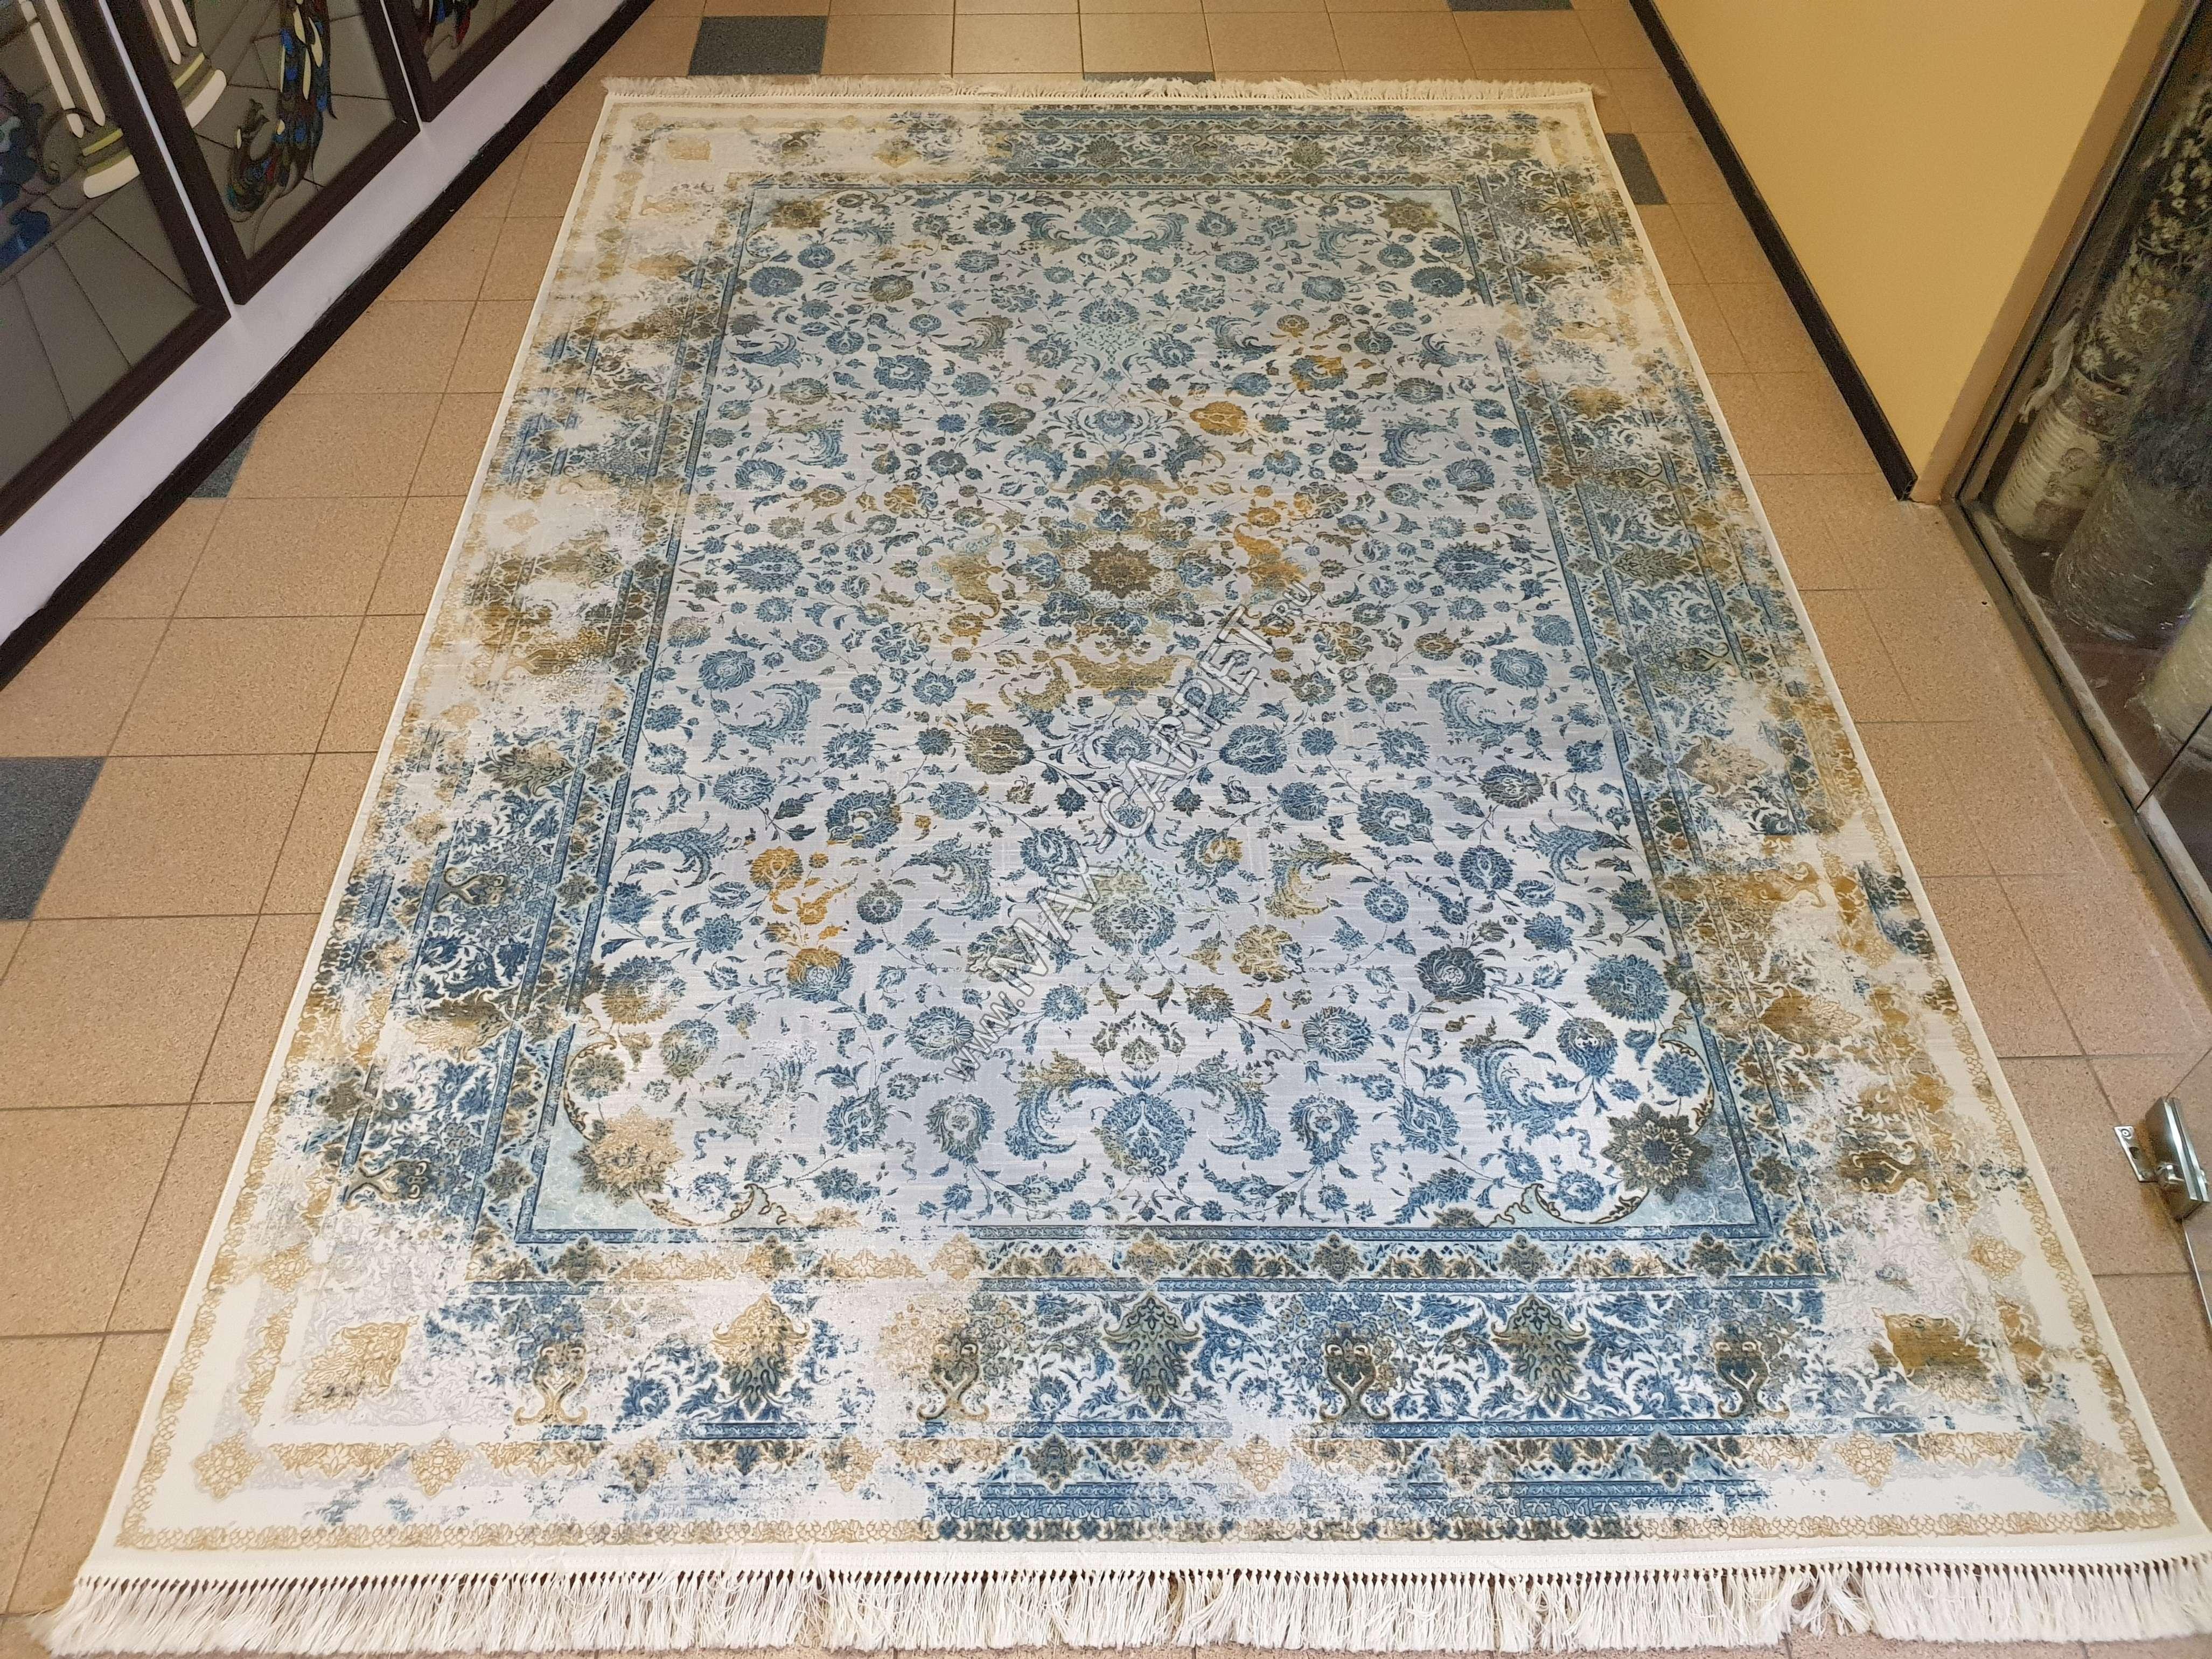 Иранский ковер из бамбука  SHIRAZ 9814 — BLUE